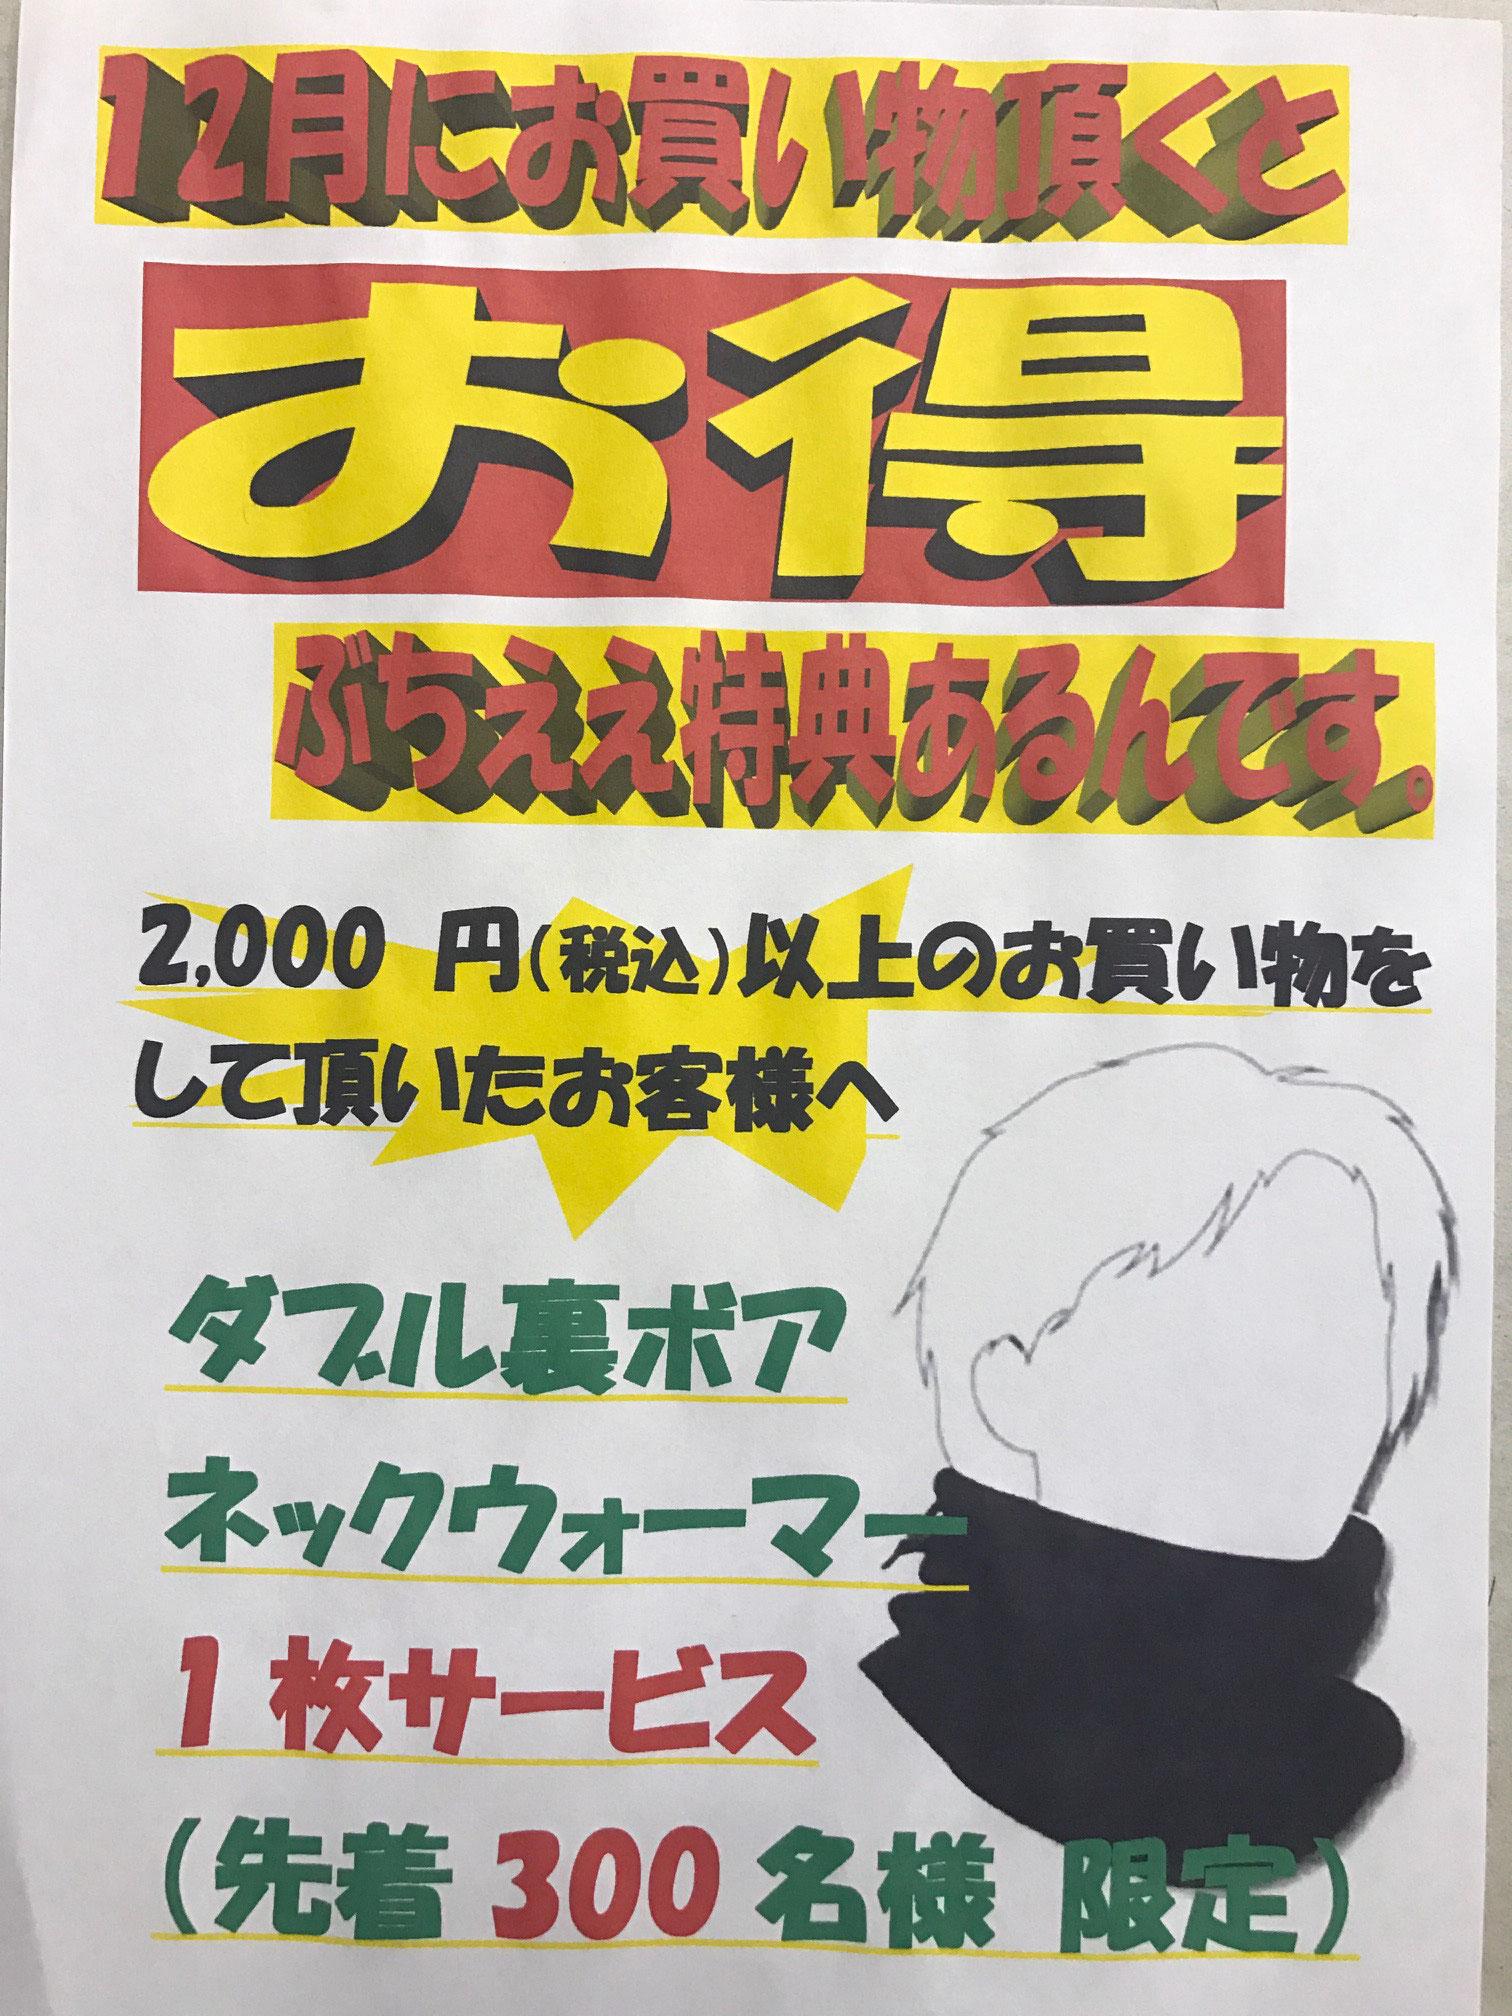 今月のイベント 2,000円(税込)以上お買い物して頂くと、ネックウォーマープレゼント!!